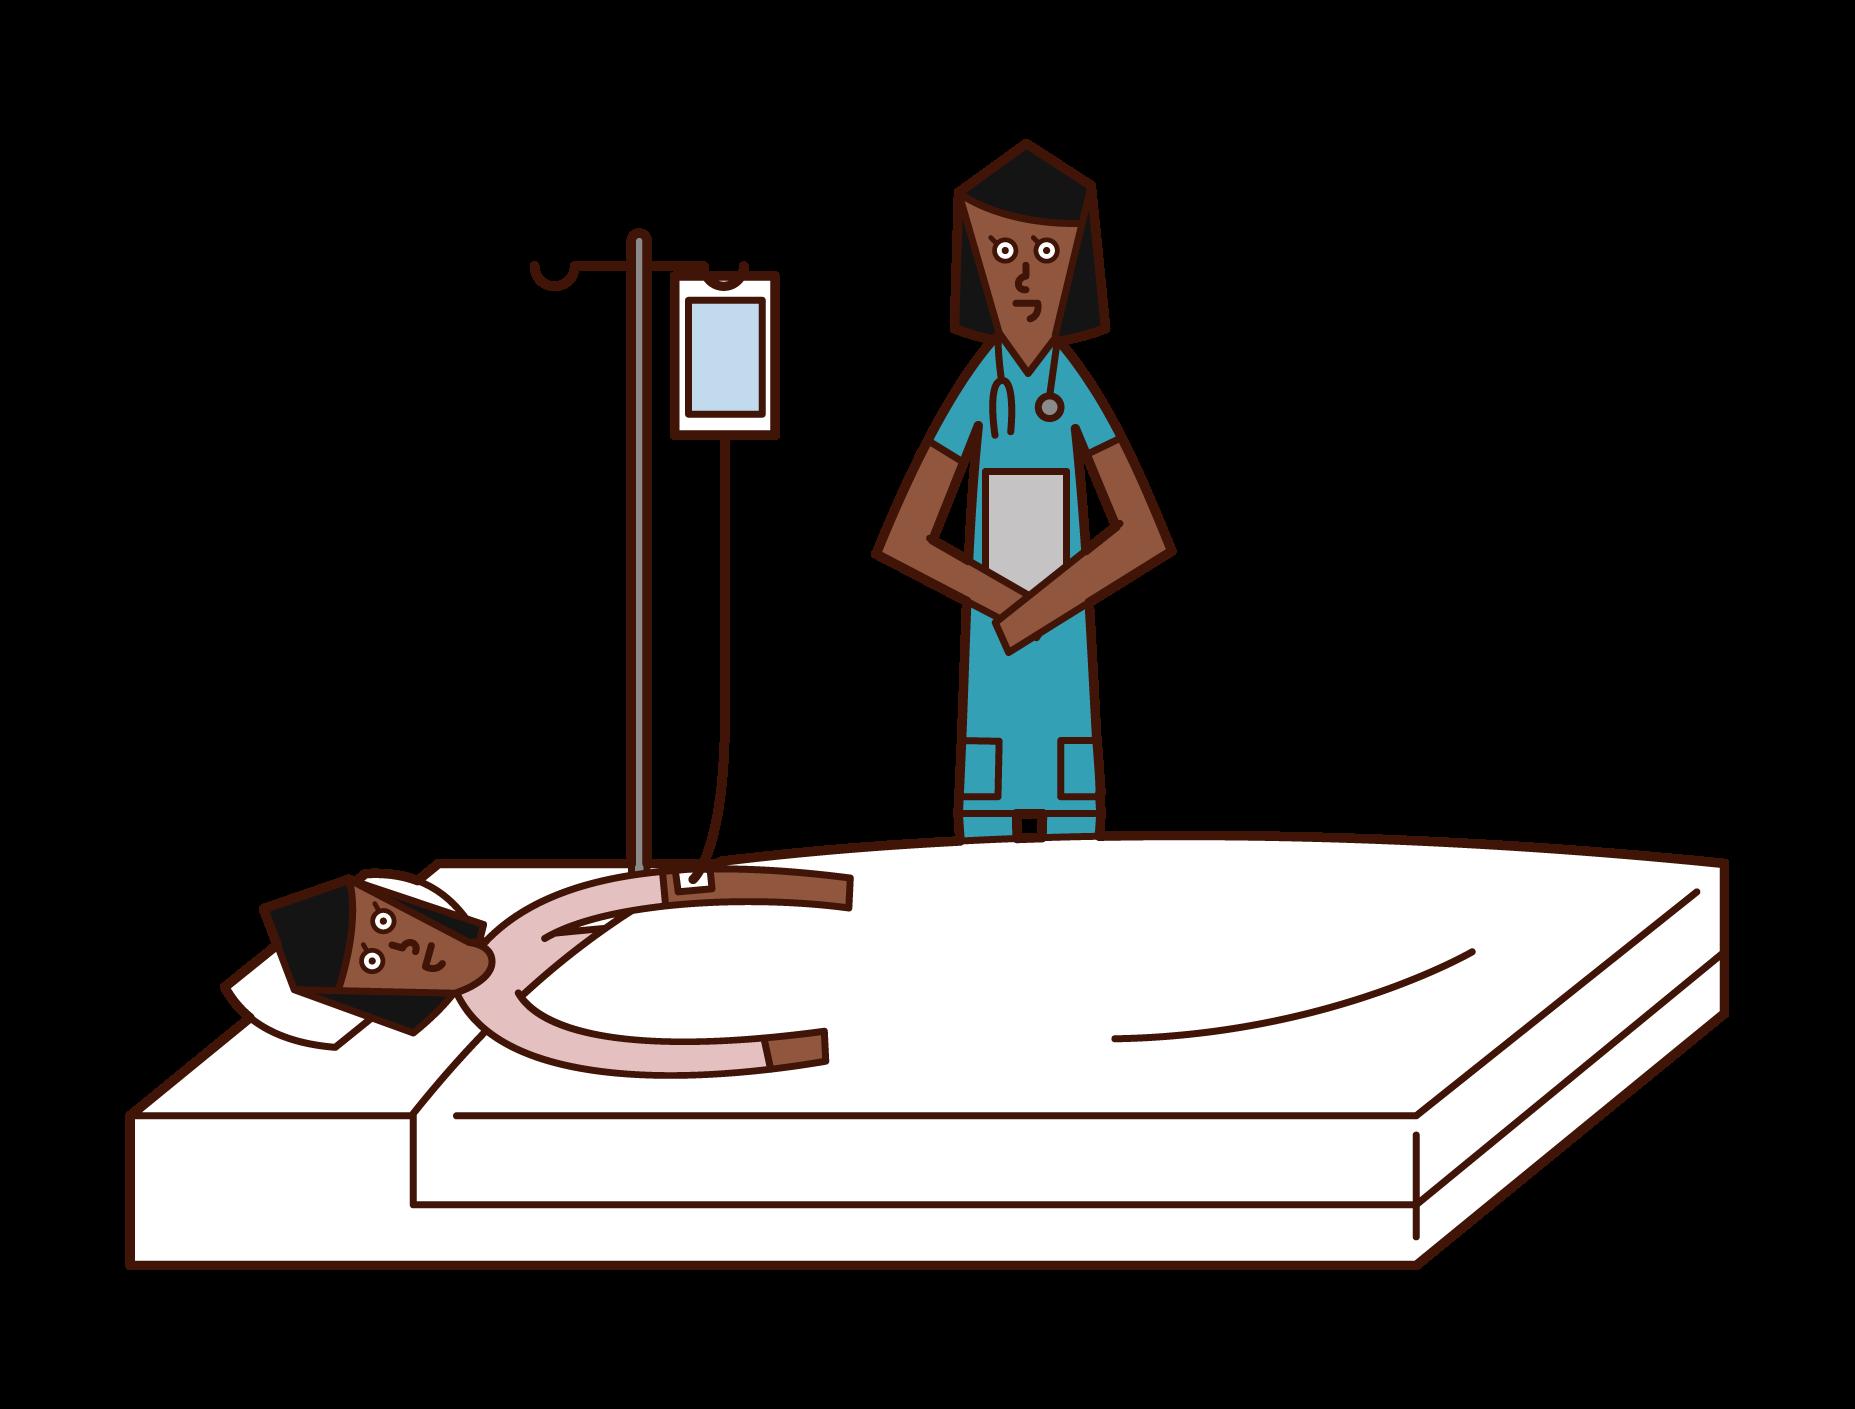 点滴治療を受けている人(女性)のイラスト